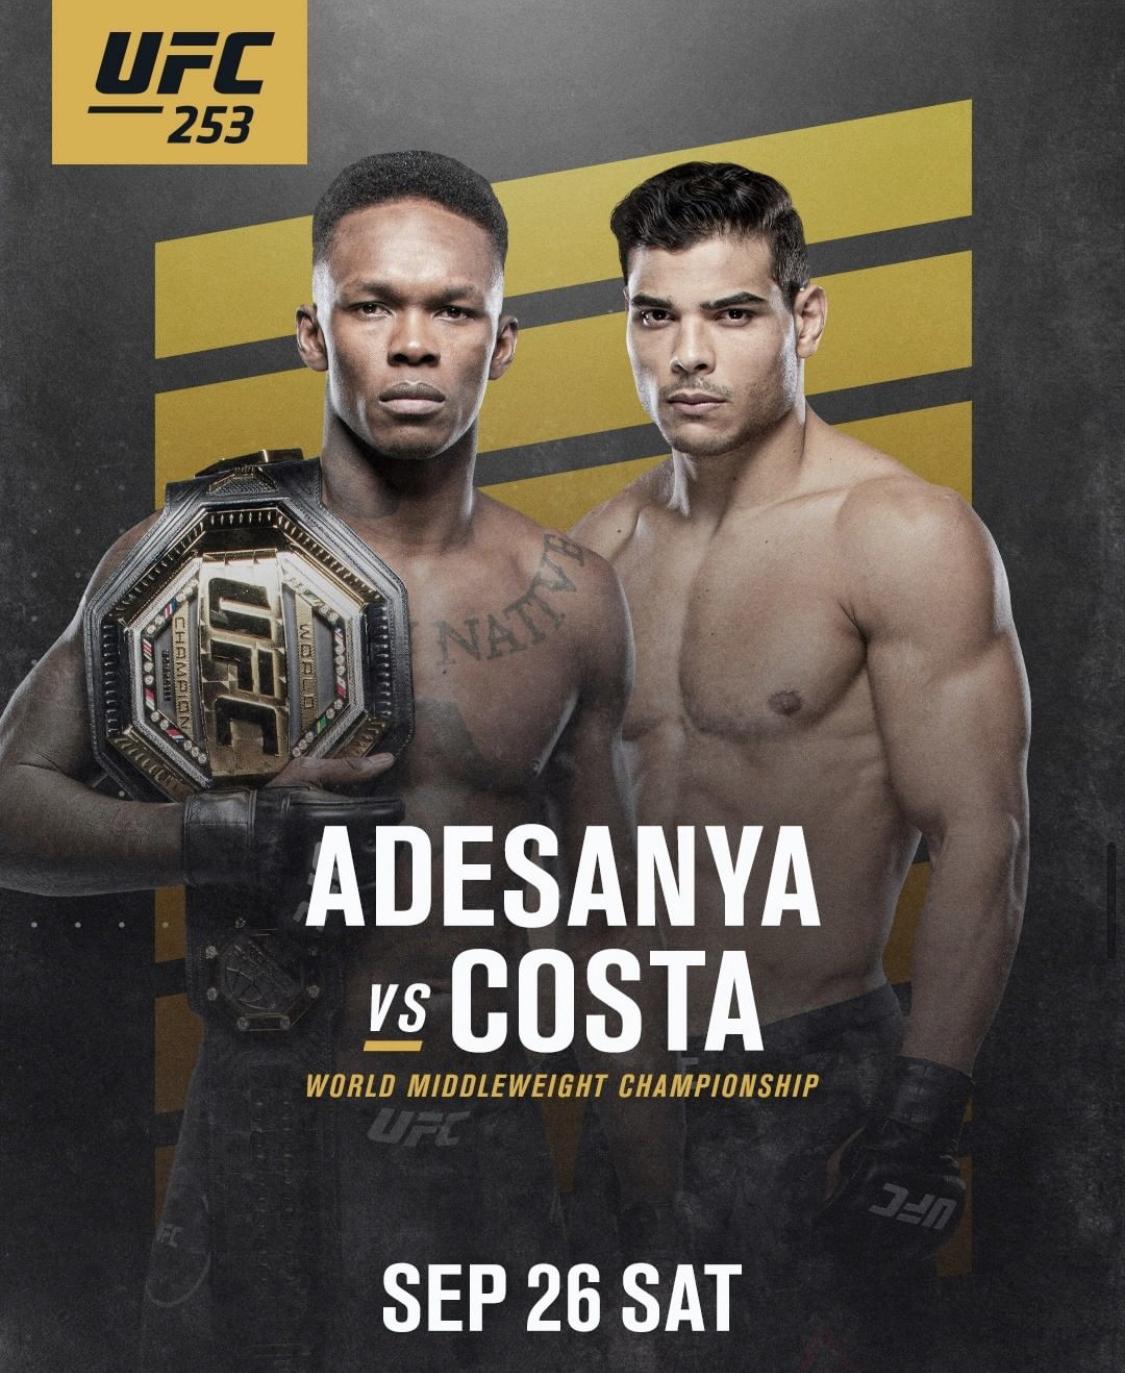 Watch UFC 253 at Constellation Field